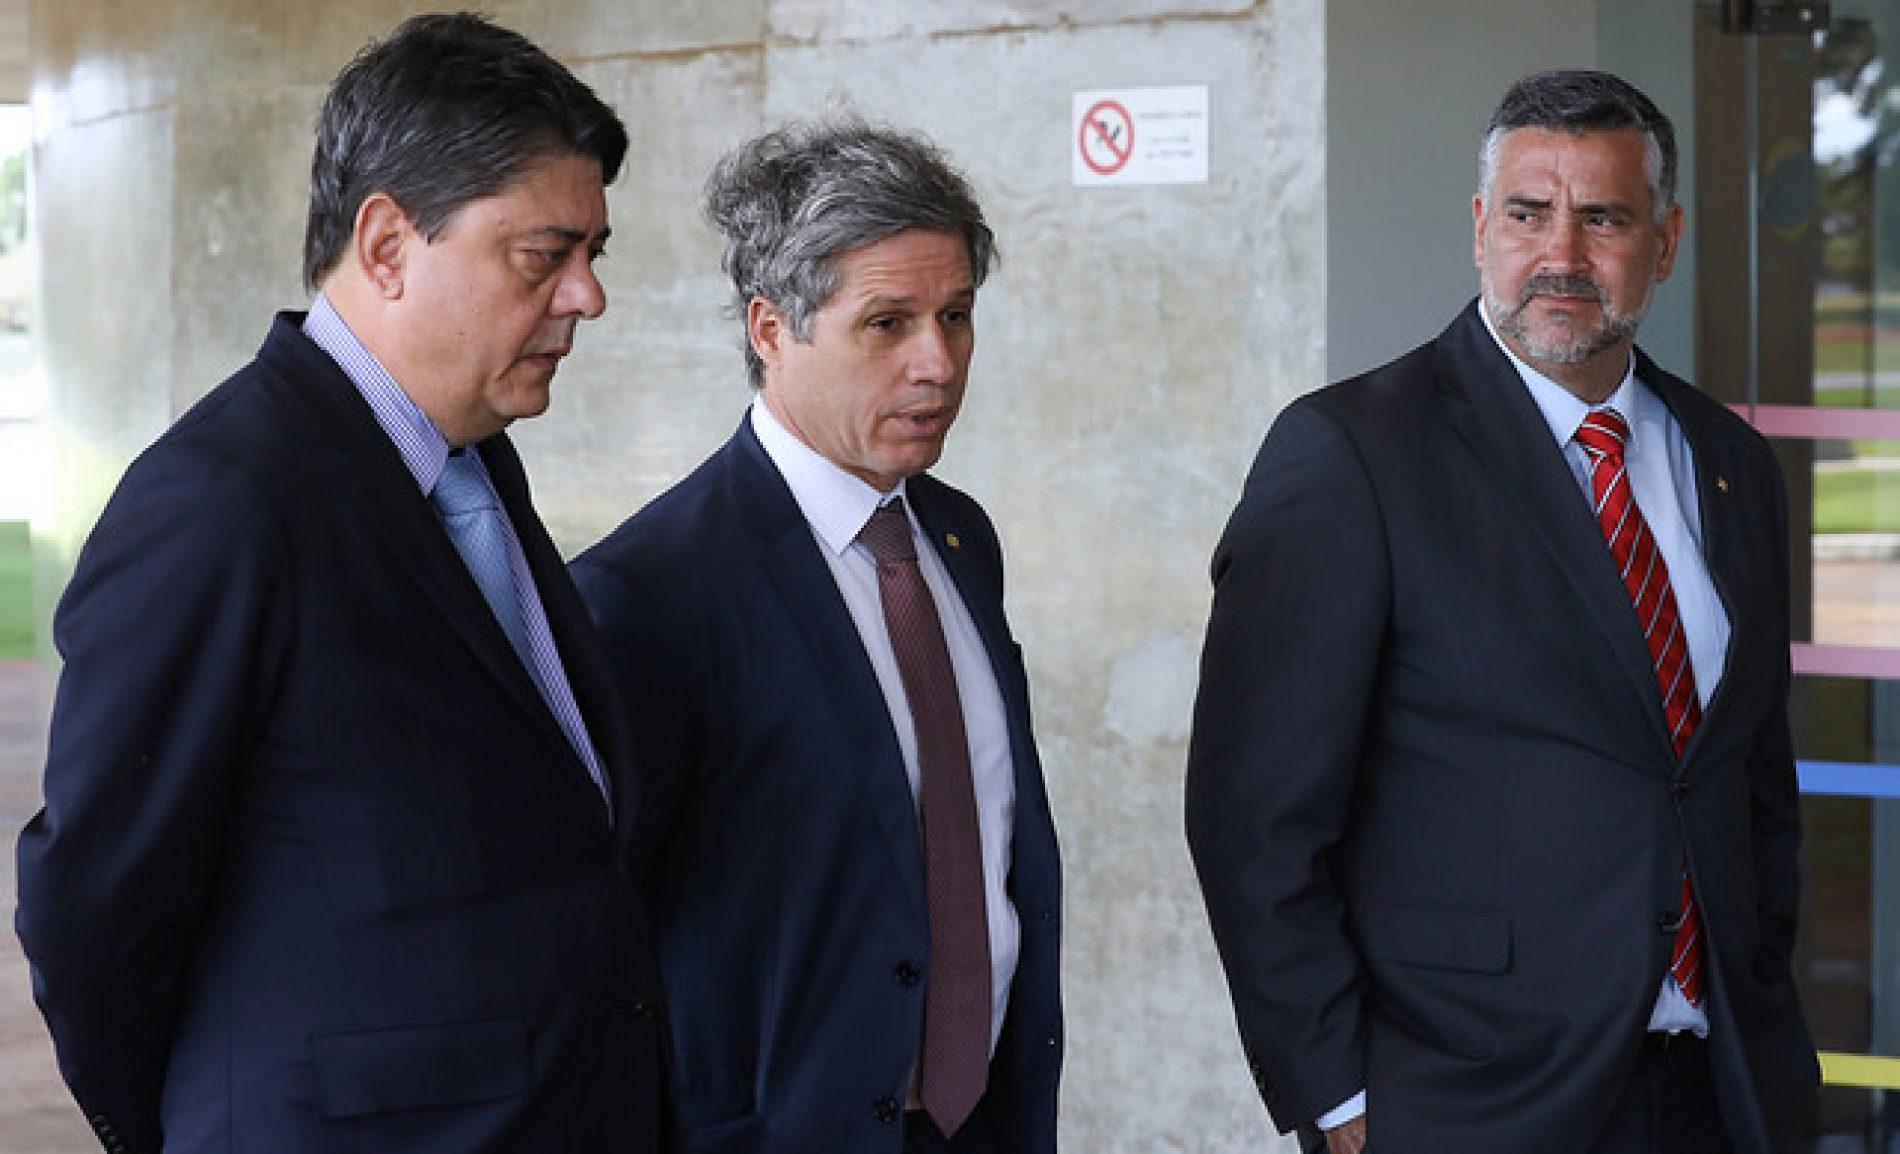 Câmara arquiva processo contra petistas que tentaram soltar Lula